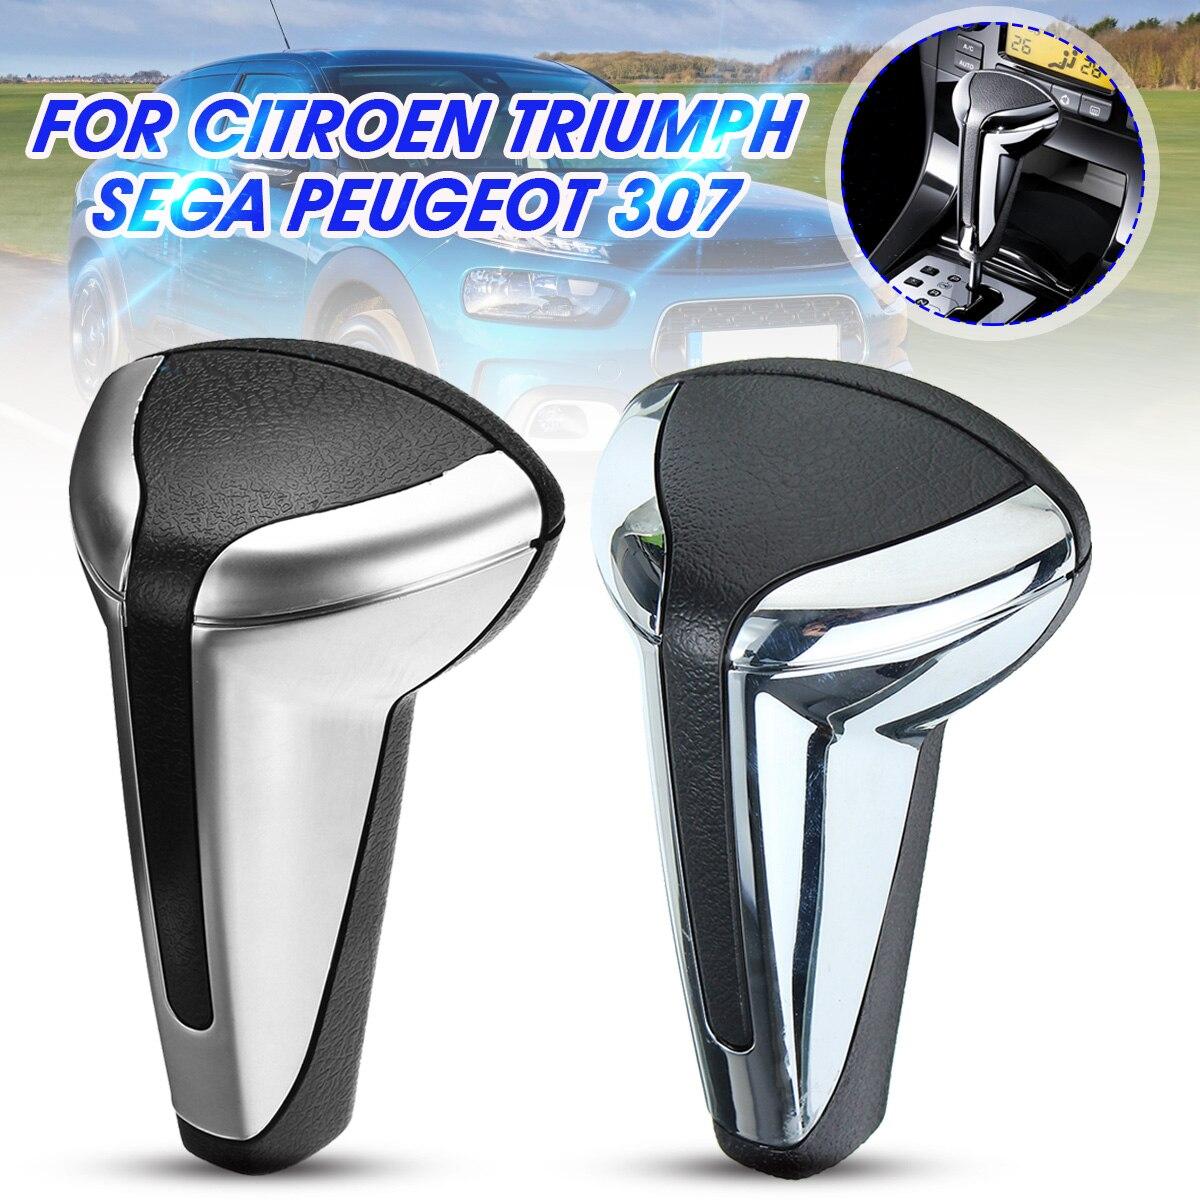 Au chrome levier de levier de vitesse de voiture manette de vitesse pour Peugeot 307 pour citroën C4 pour Triumph pour Sega